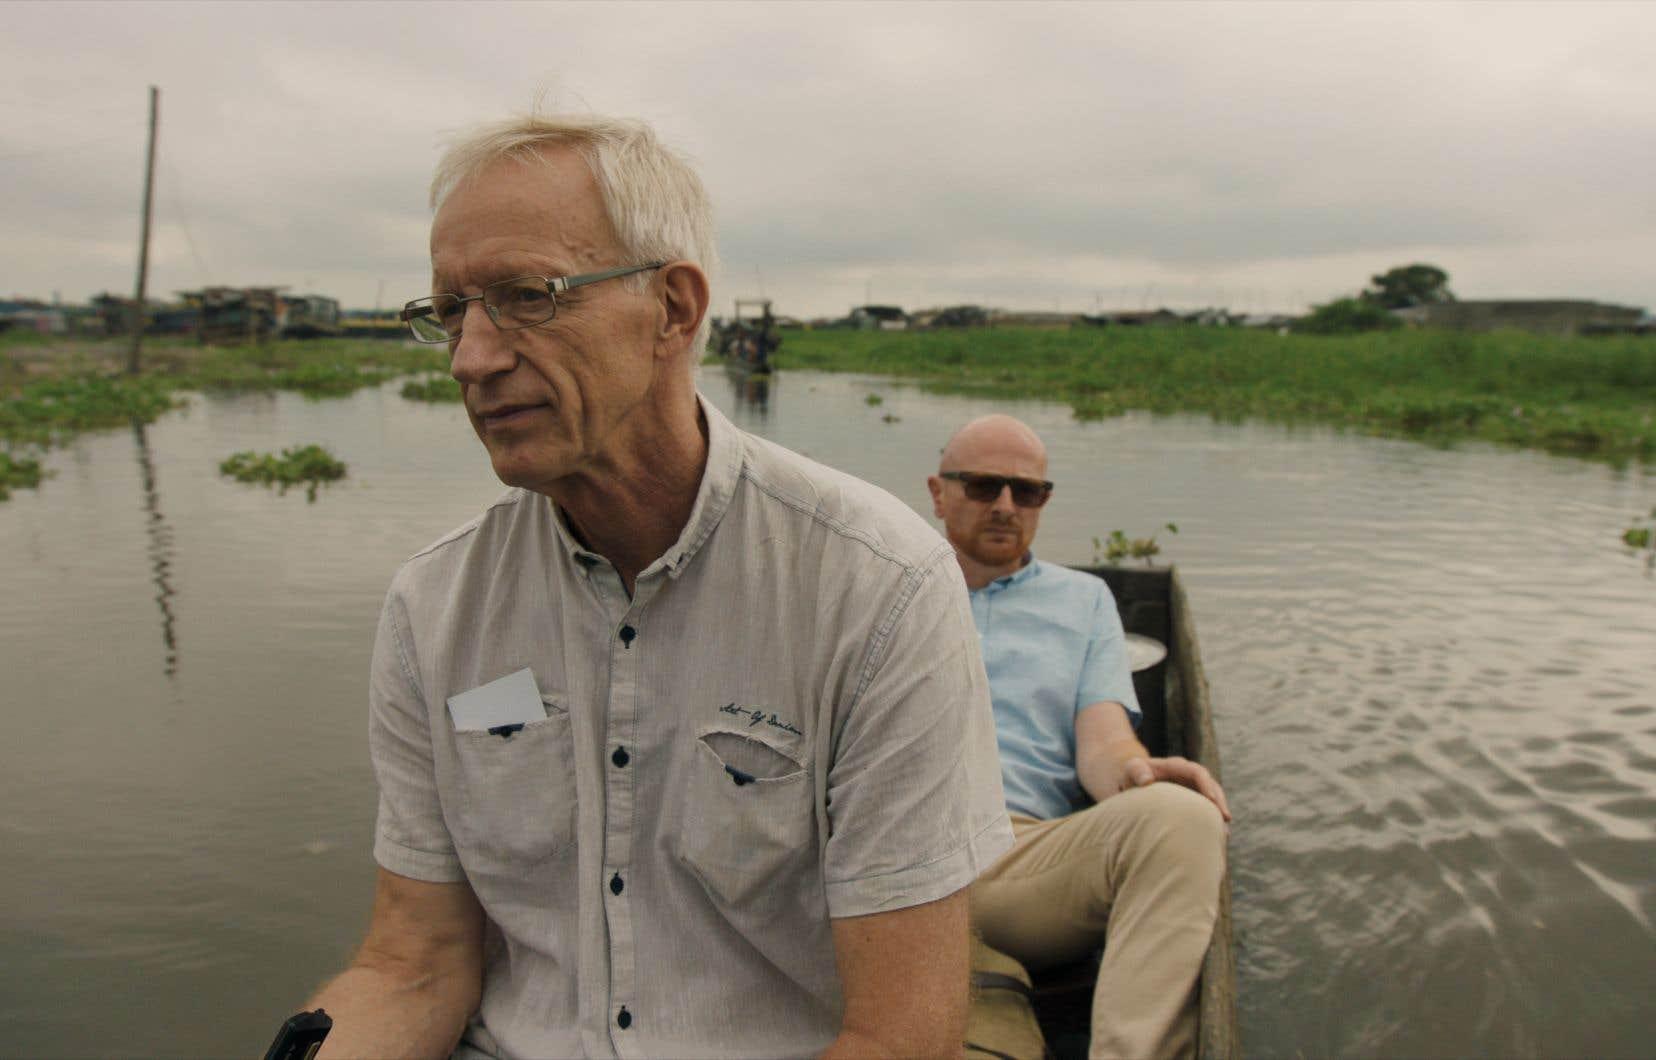 Le documentariste danois Mads Brügger (à l'arrière sur la photo) est visiblement en mal d'attention en se plaçant constamment devant la caméra.